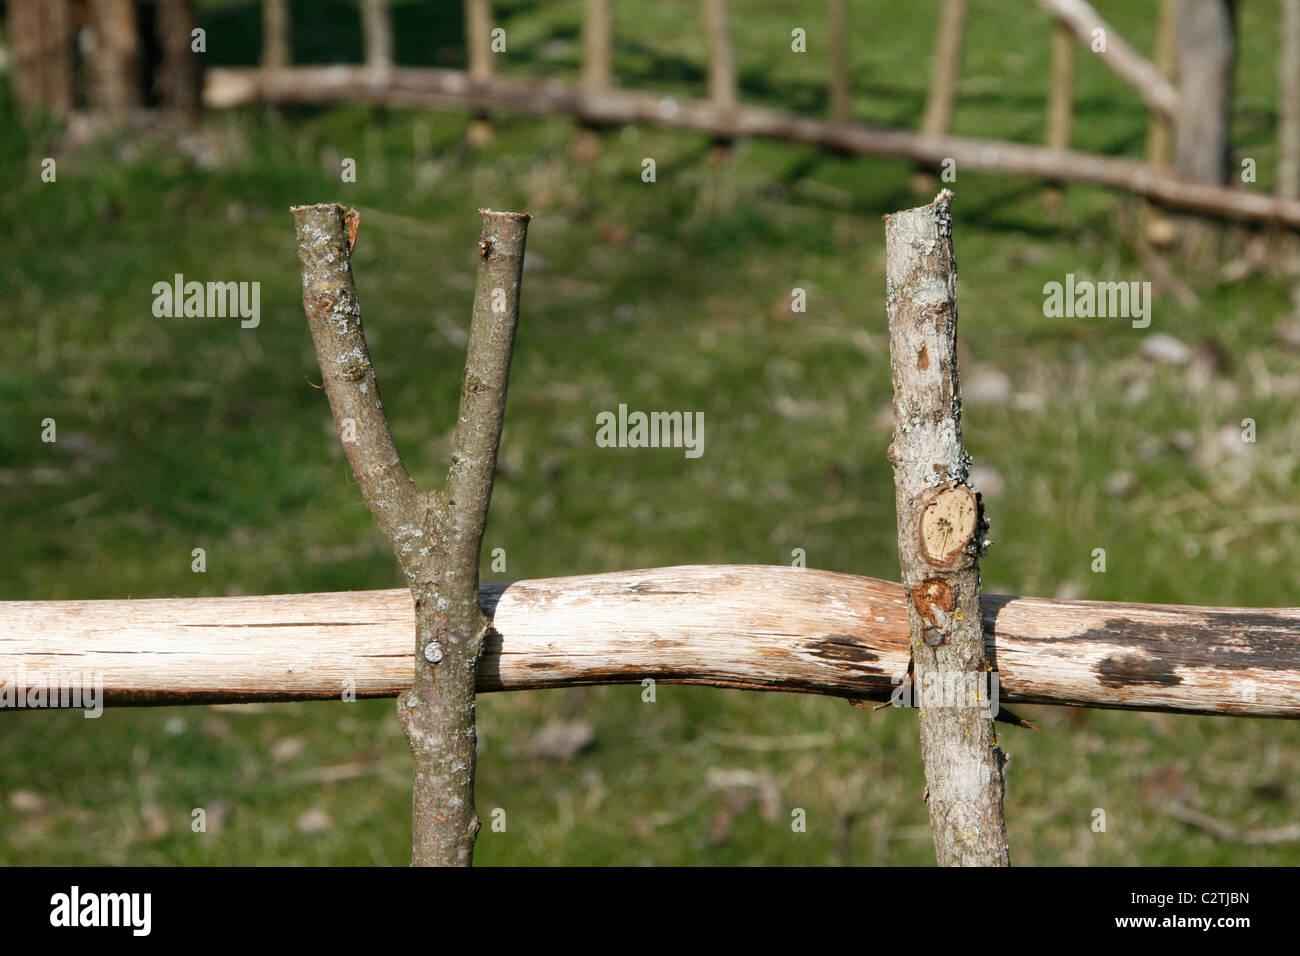 Alten Stil Zaun Gemacht Mit Holzernen Asten Stocke Stockfoto Bild